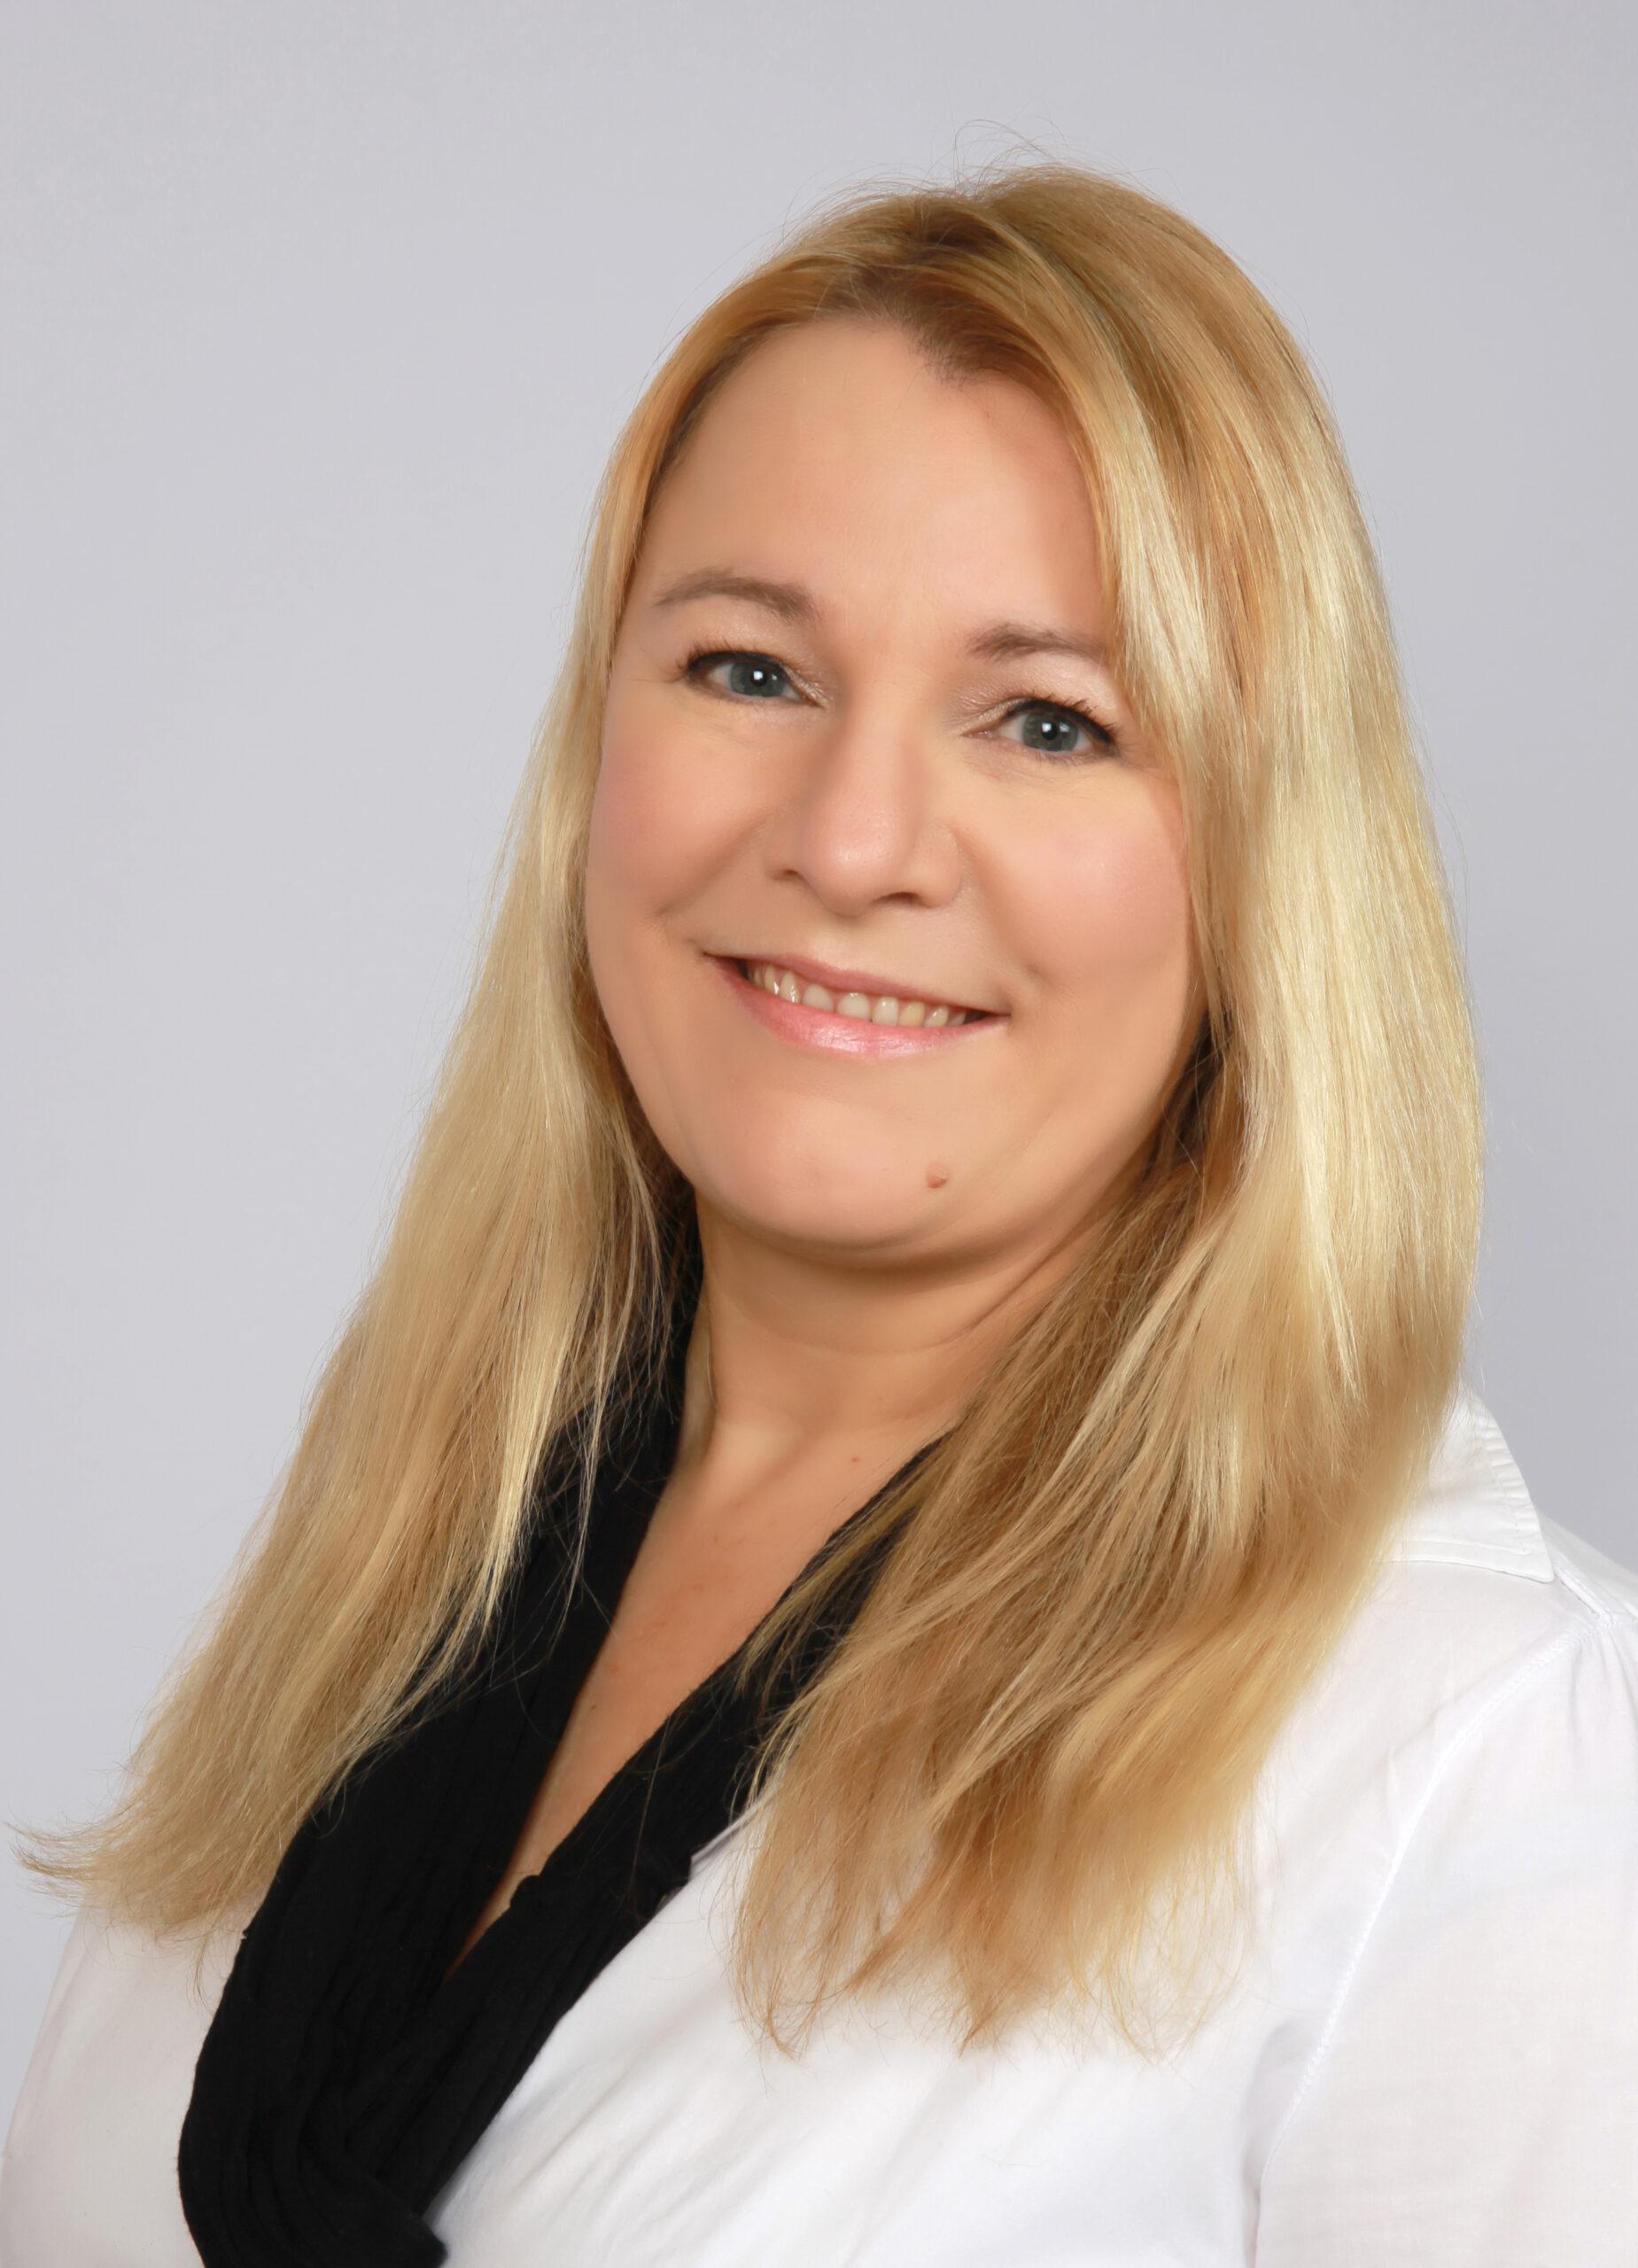 Bettina Drechsel